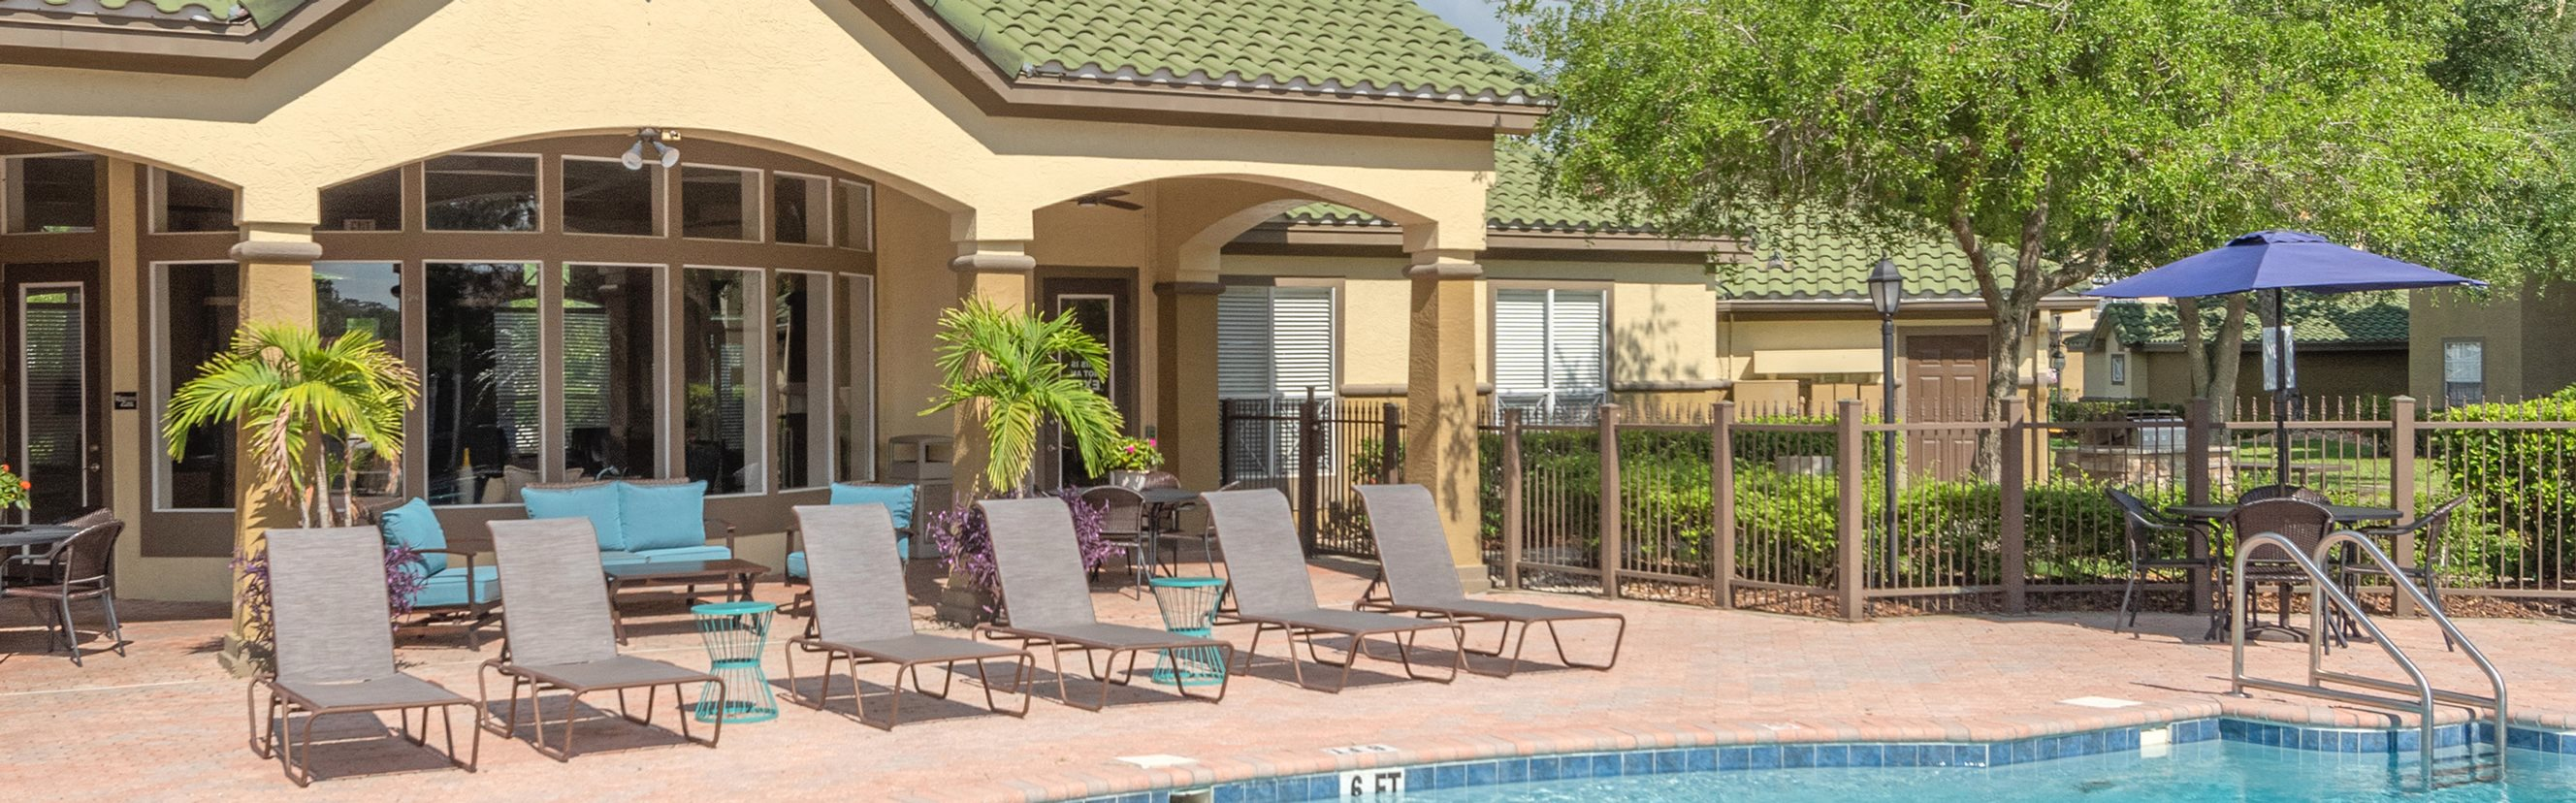 Park Del Mar Apartments pool area